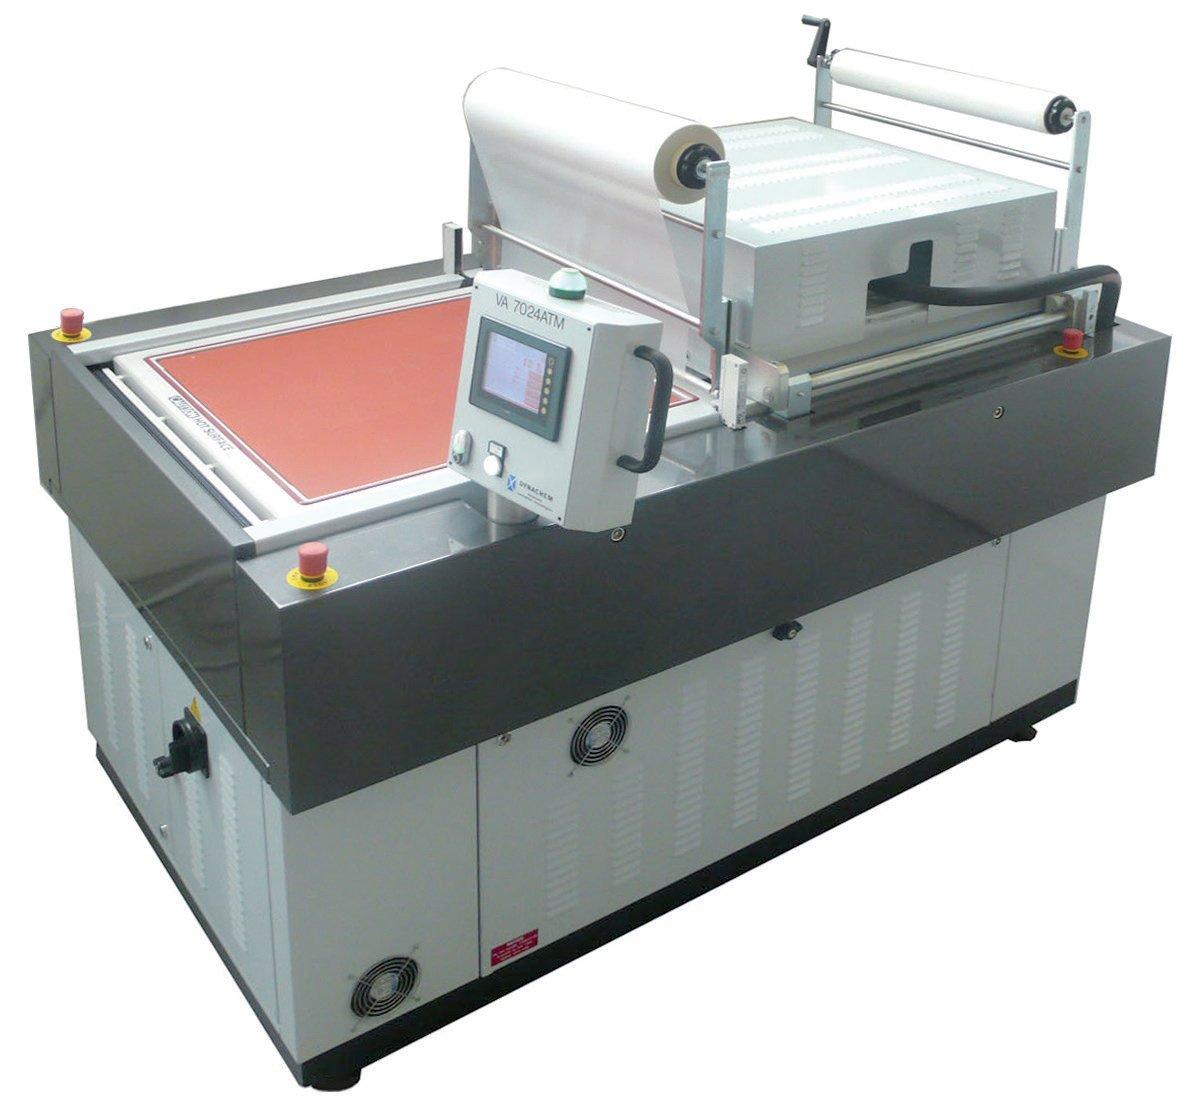 Vacuum Applicator VA 7024 ATM